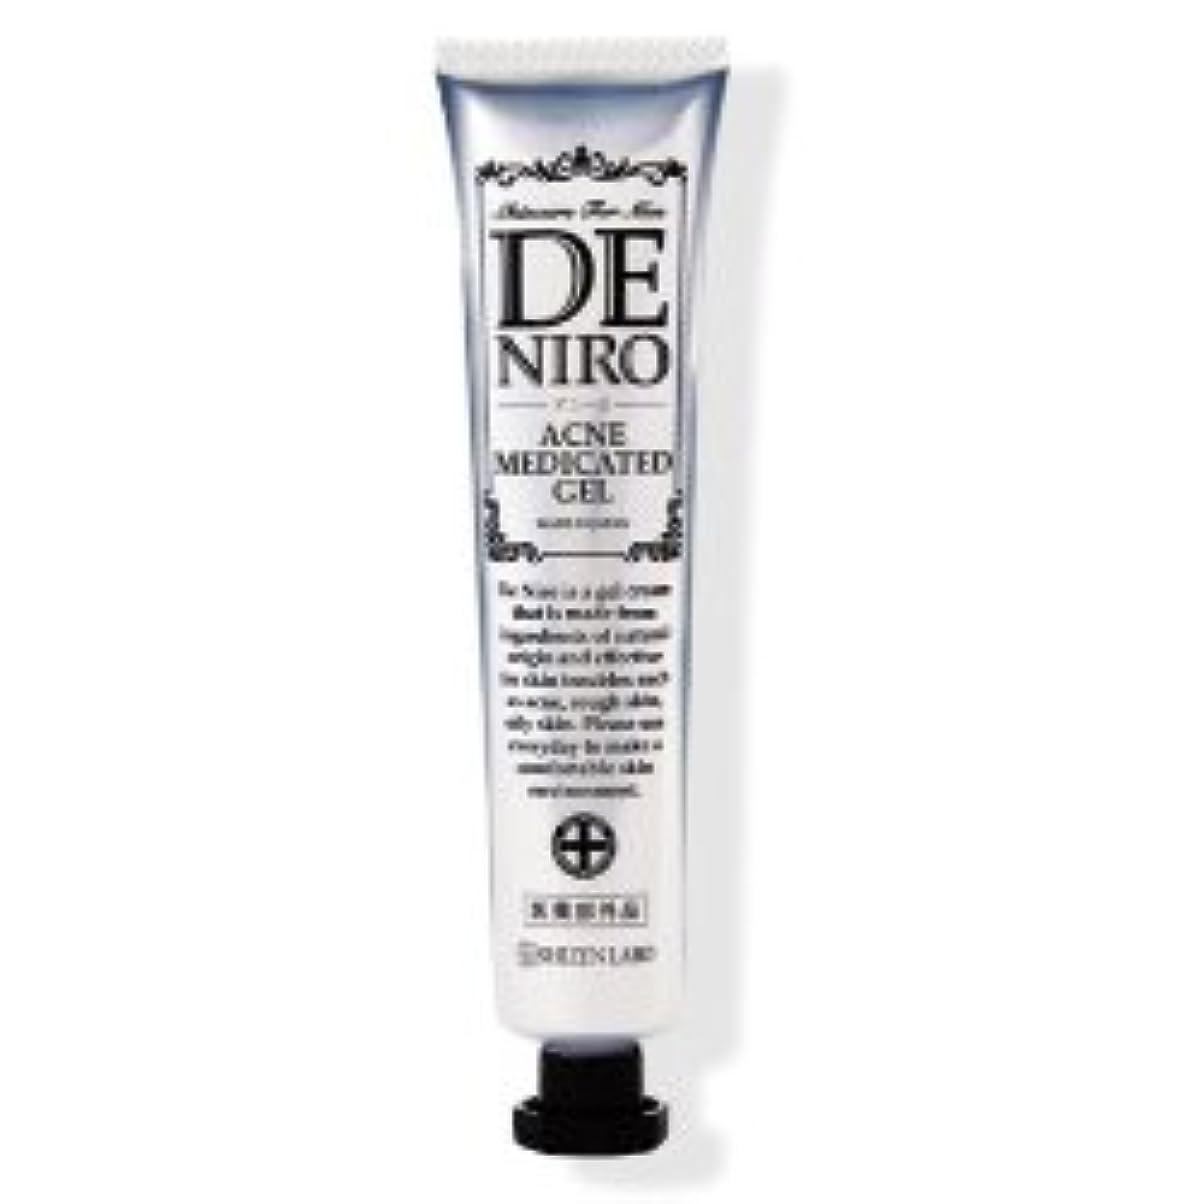 こどもの宮殿たっぷりクラスデニーロ 45g (約1ヵ月分)【公式】薬用 DE NIRO 男のニキビ クリーム